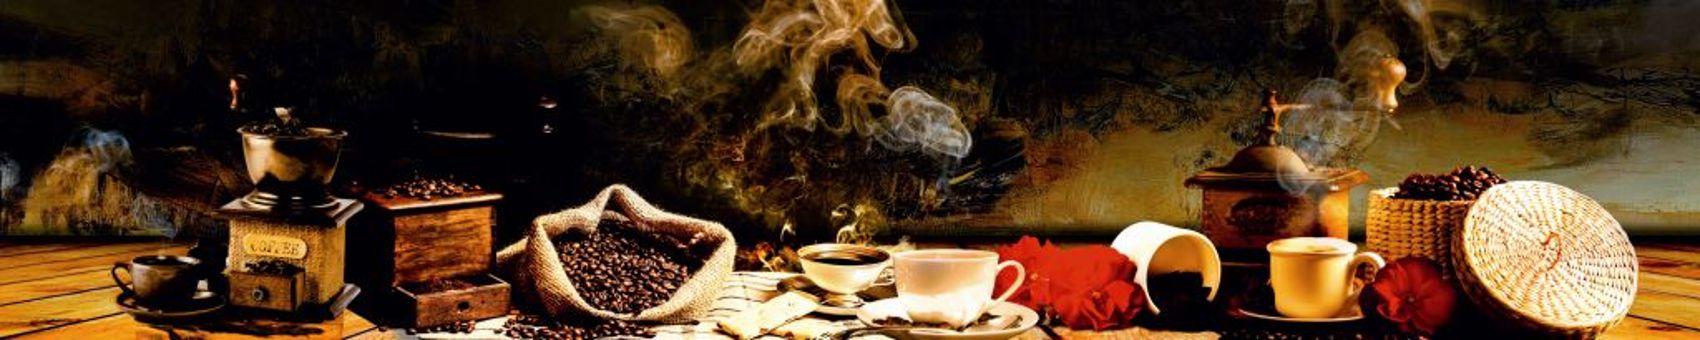 Кофе в дымке